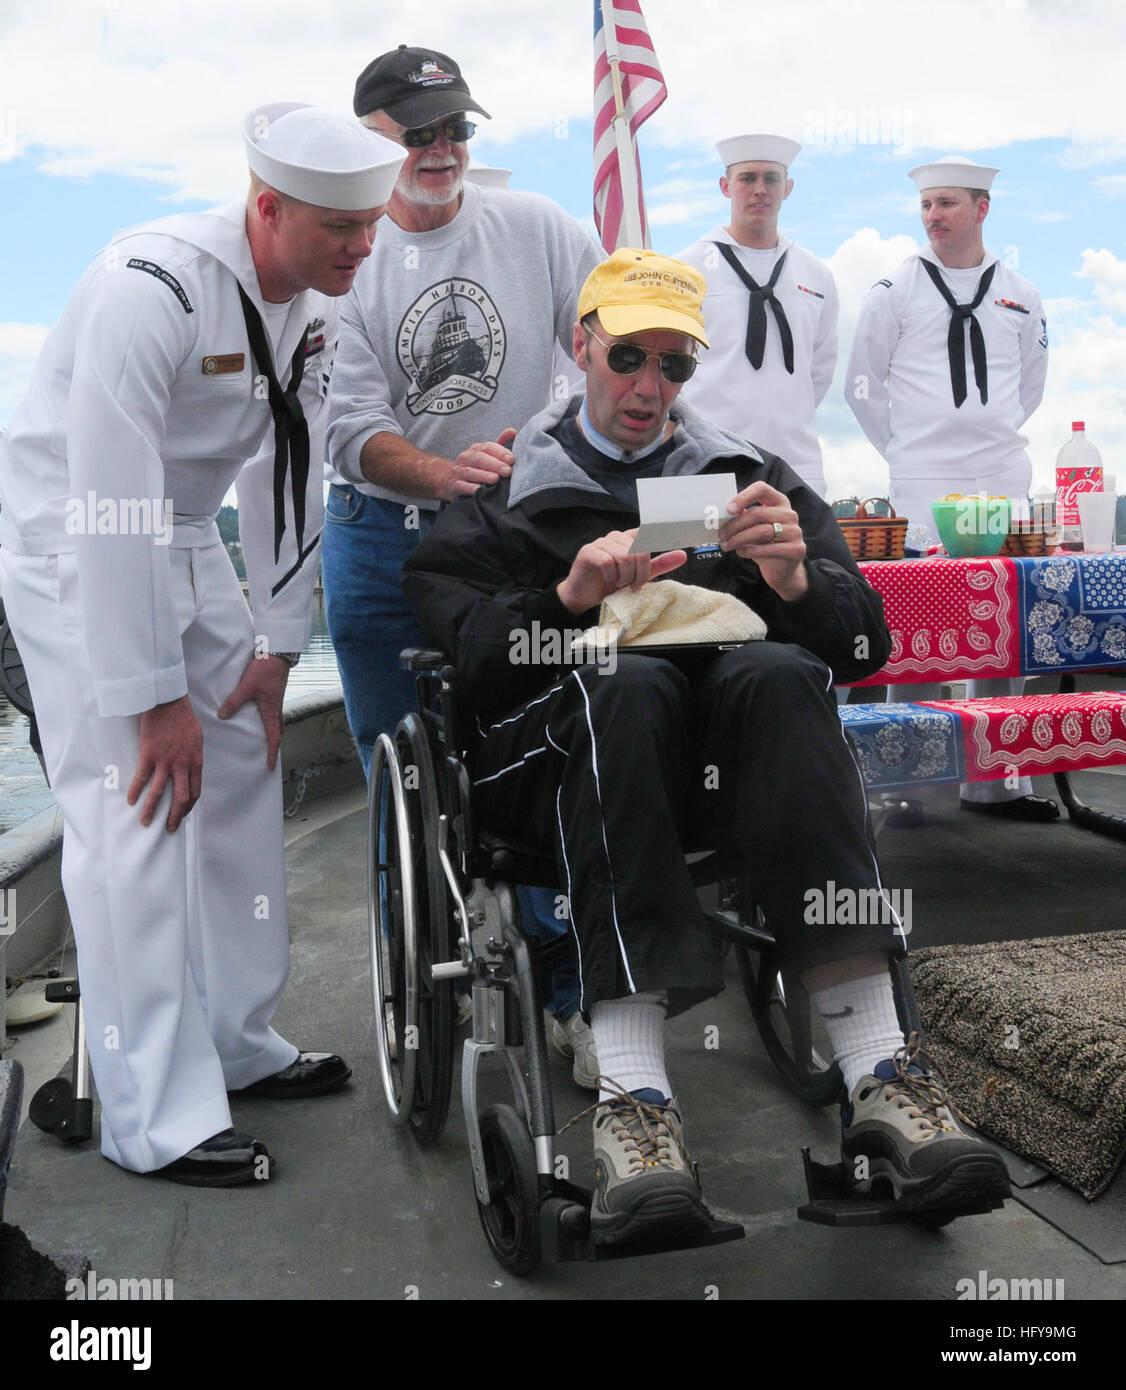 100702-N-6869S-023 BREMERTON, Wash. (July 2, 2010) Retired Capt. Brad Johanson, center, the former commanding officer - Stock Image